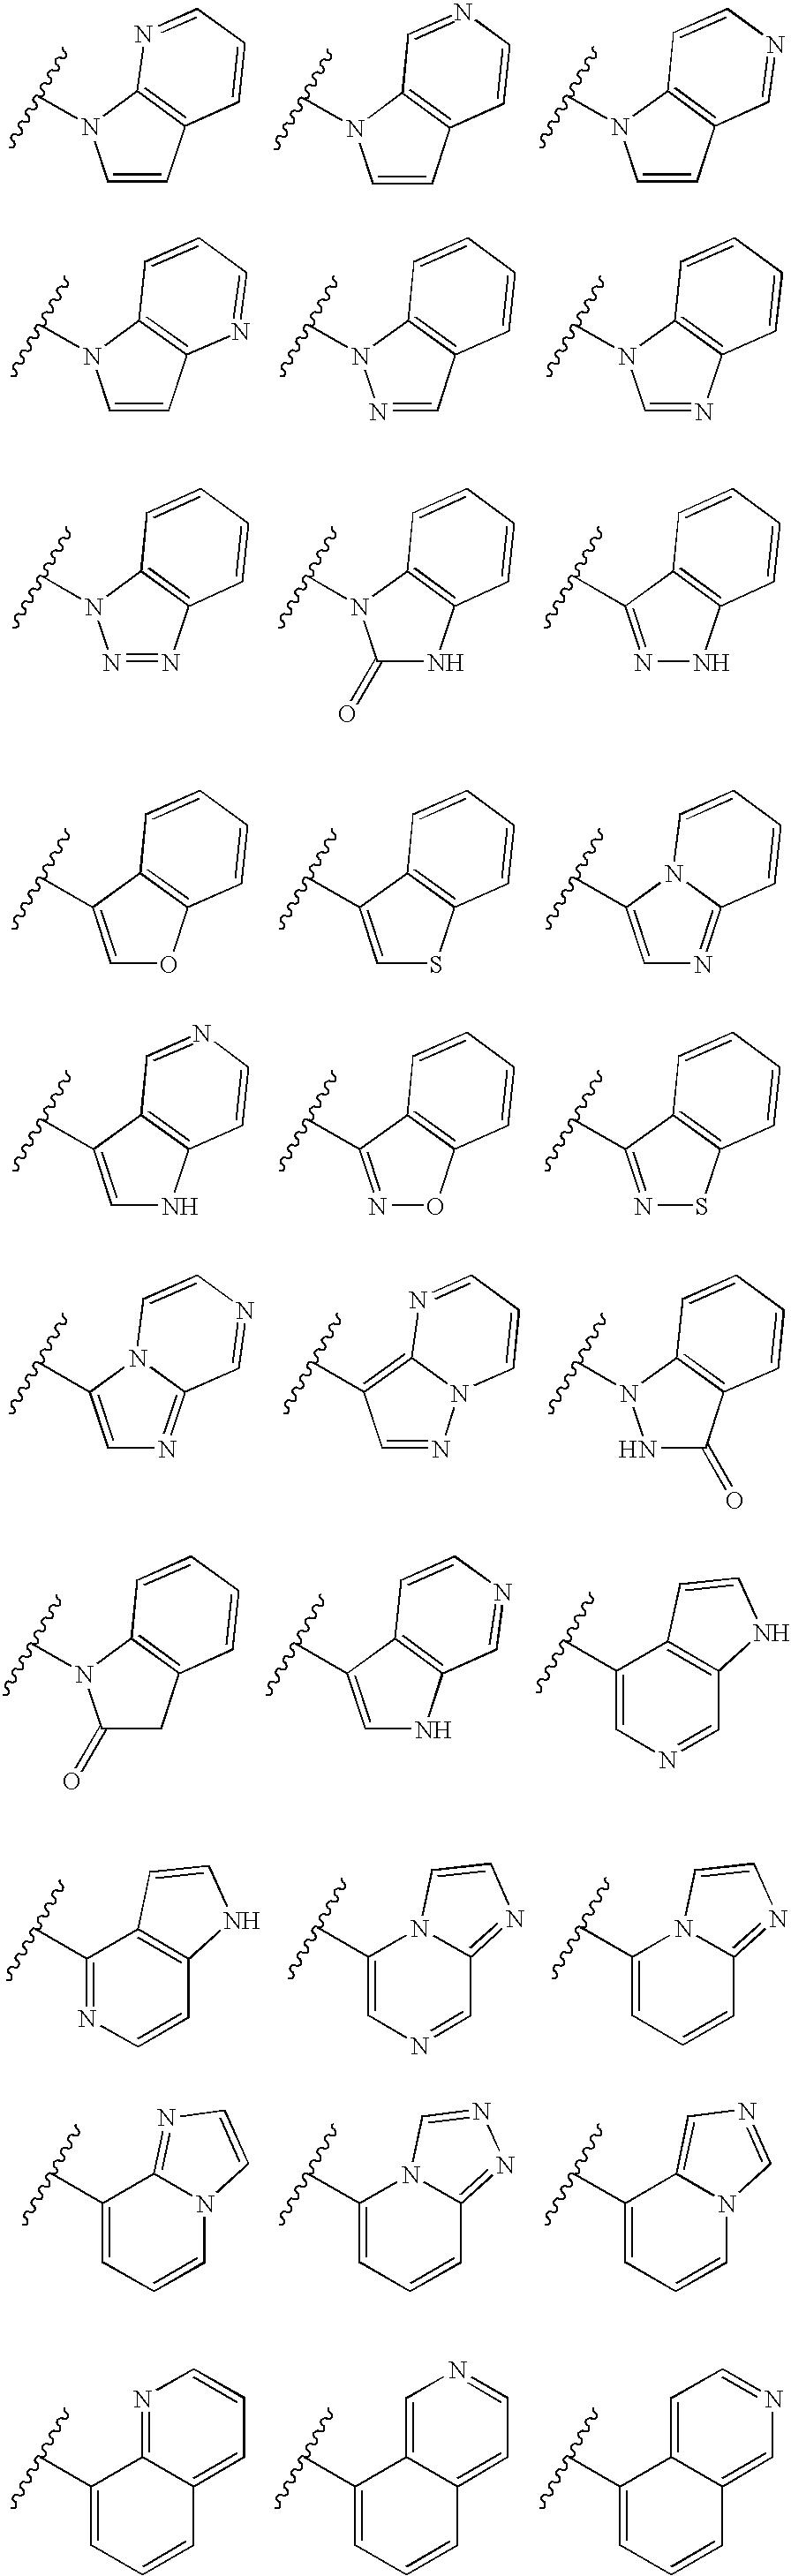 Figure US08173650-20120508-C00005